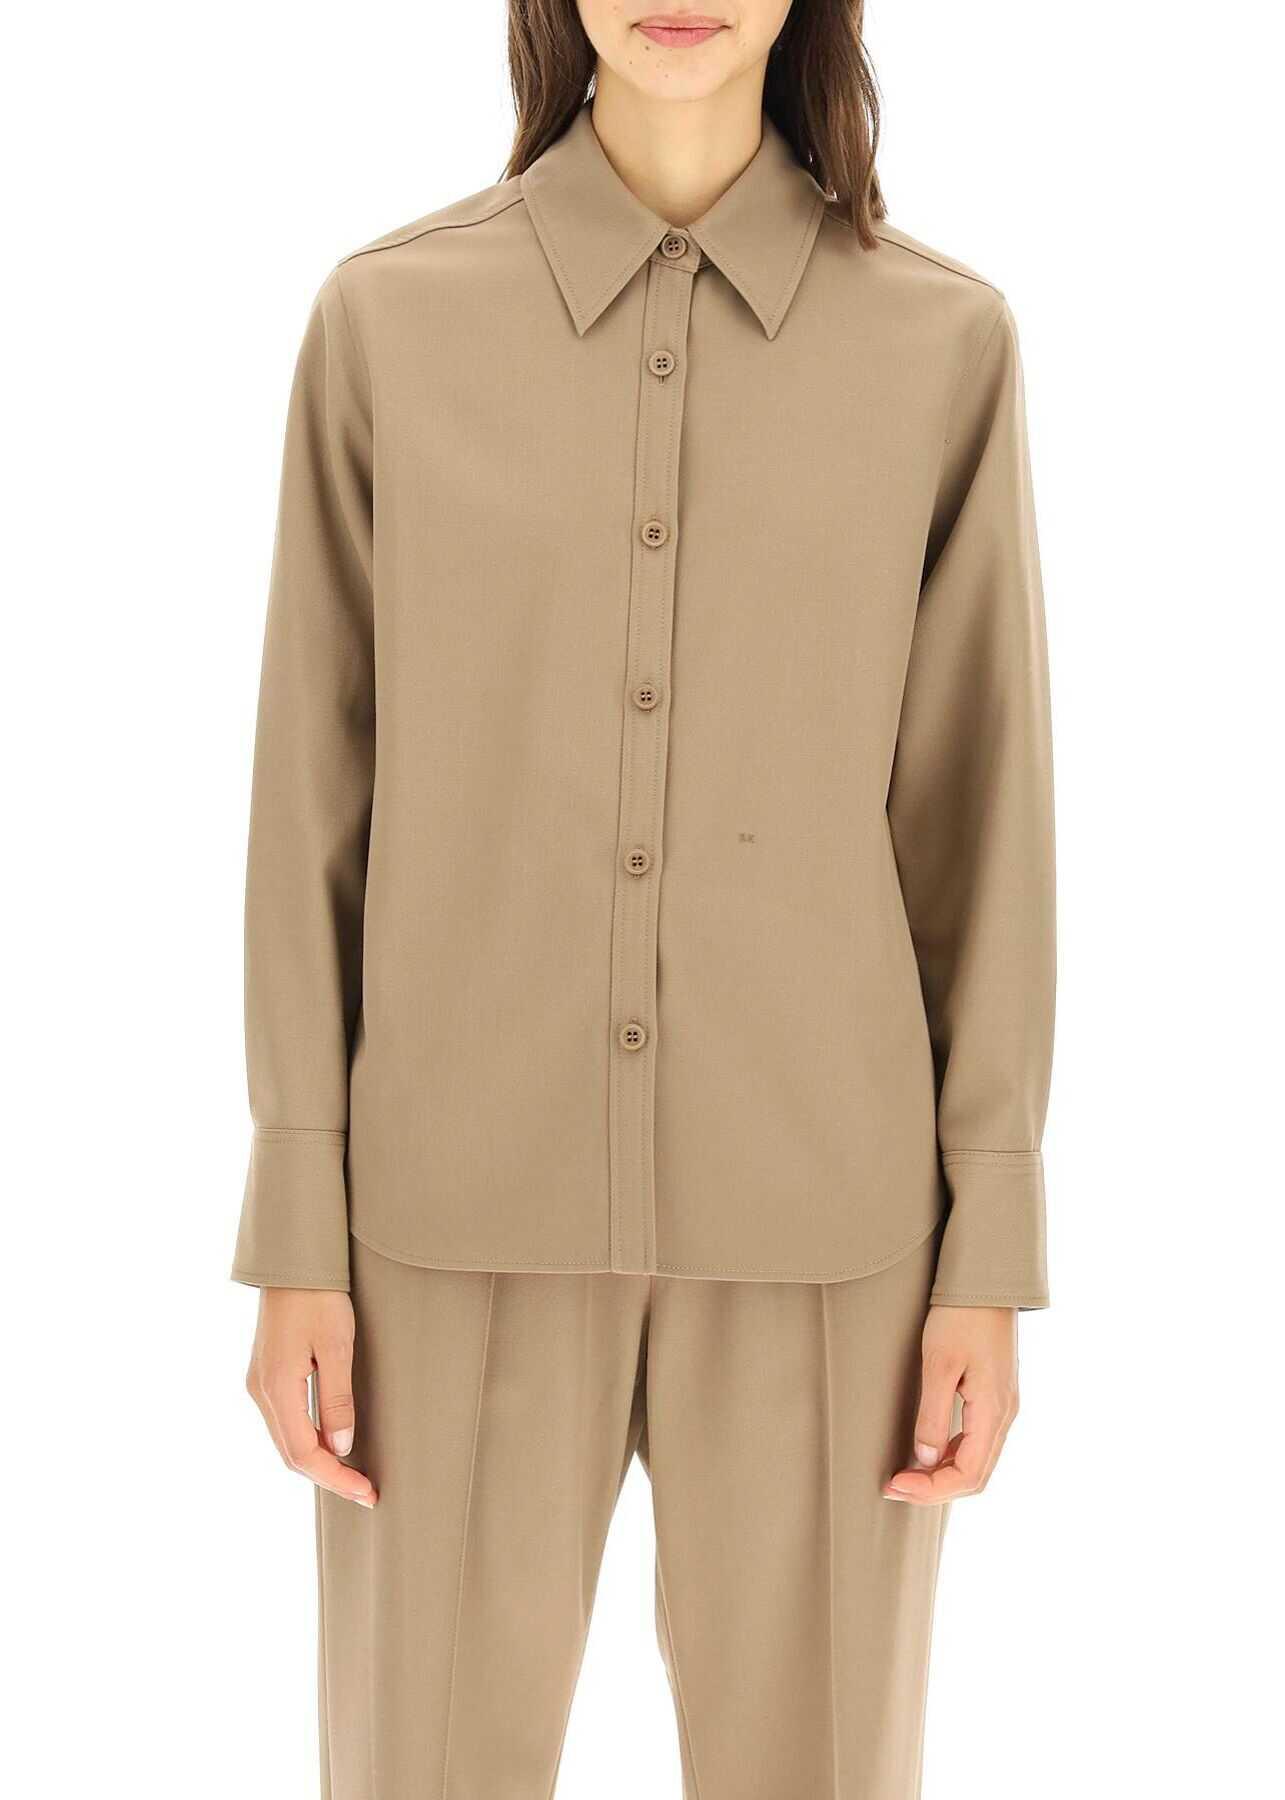 A.P.C. A.p.c. Kent Shirt PSAGD F02704 TAUPE image0